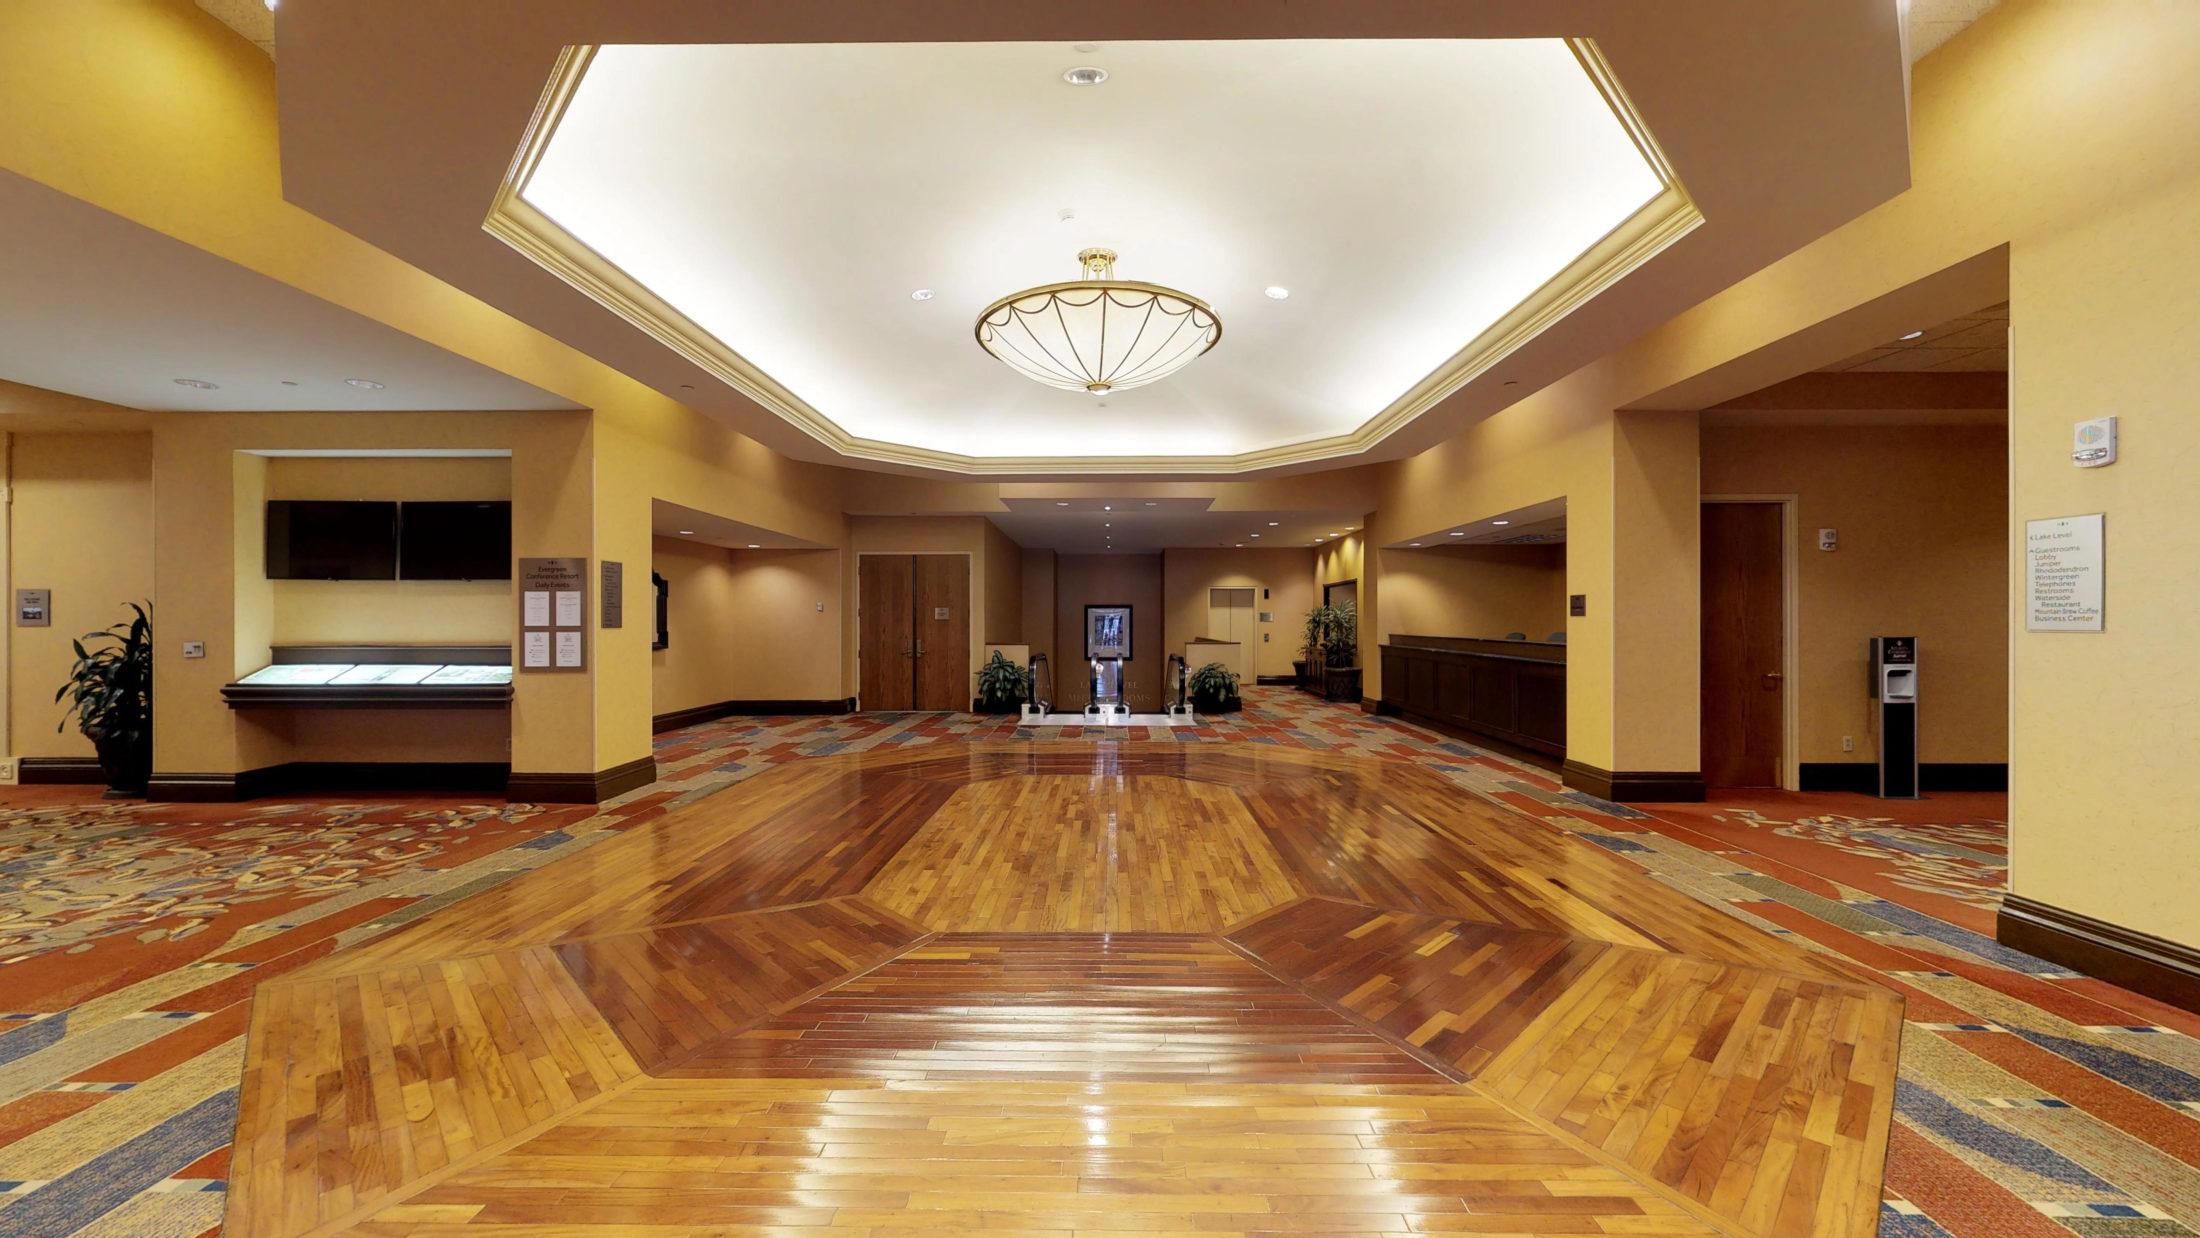 Atlanta Evergreen Marriott Walking Tour